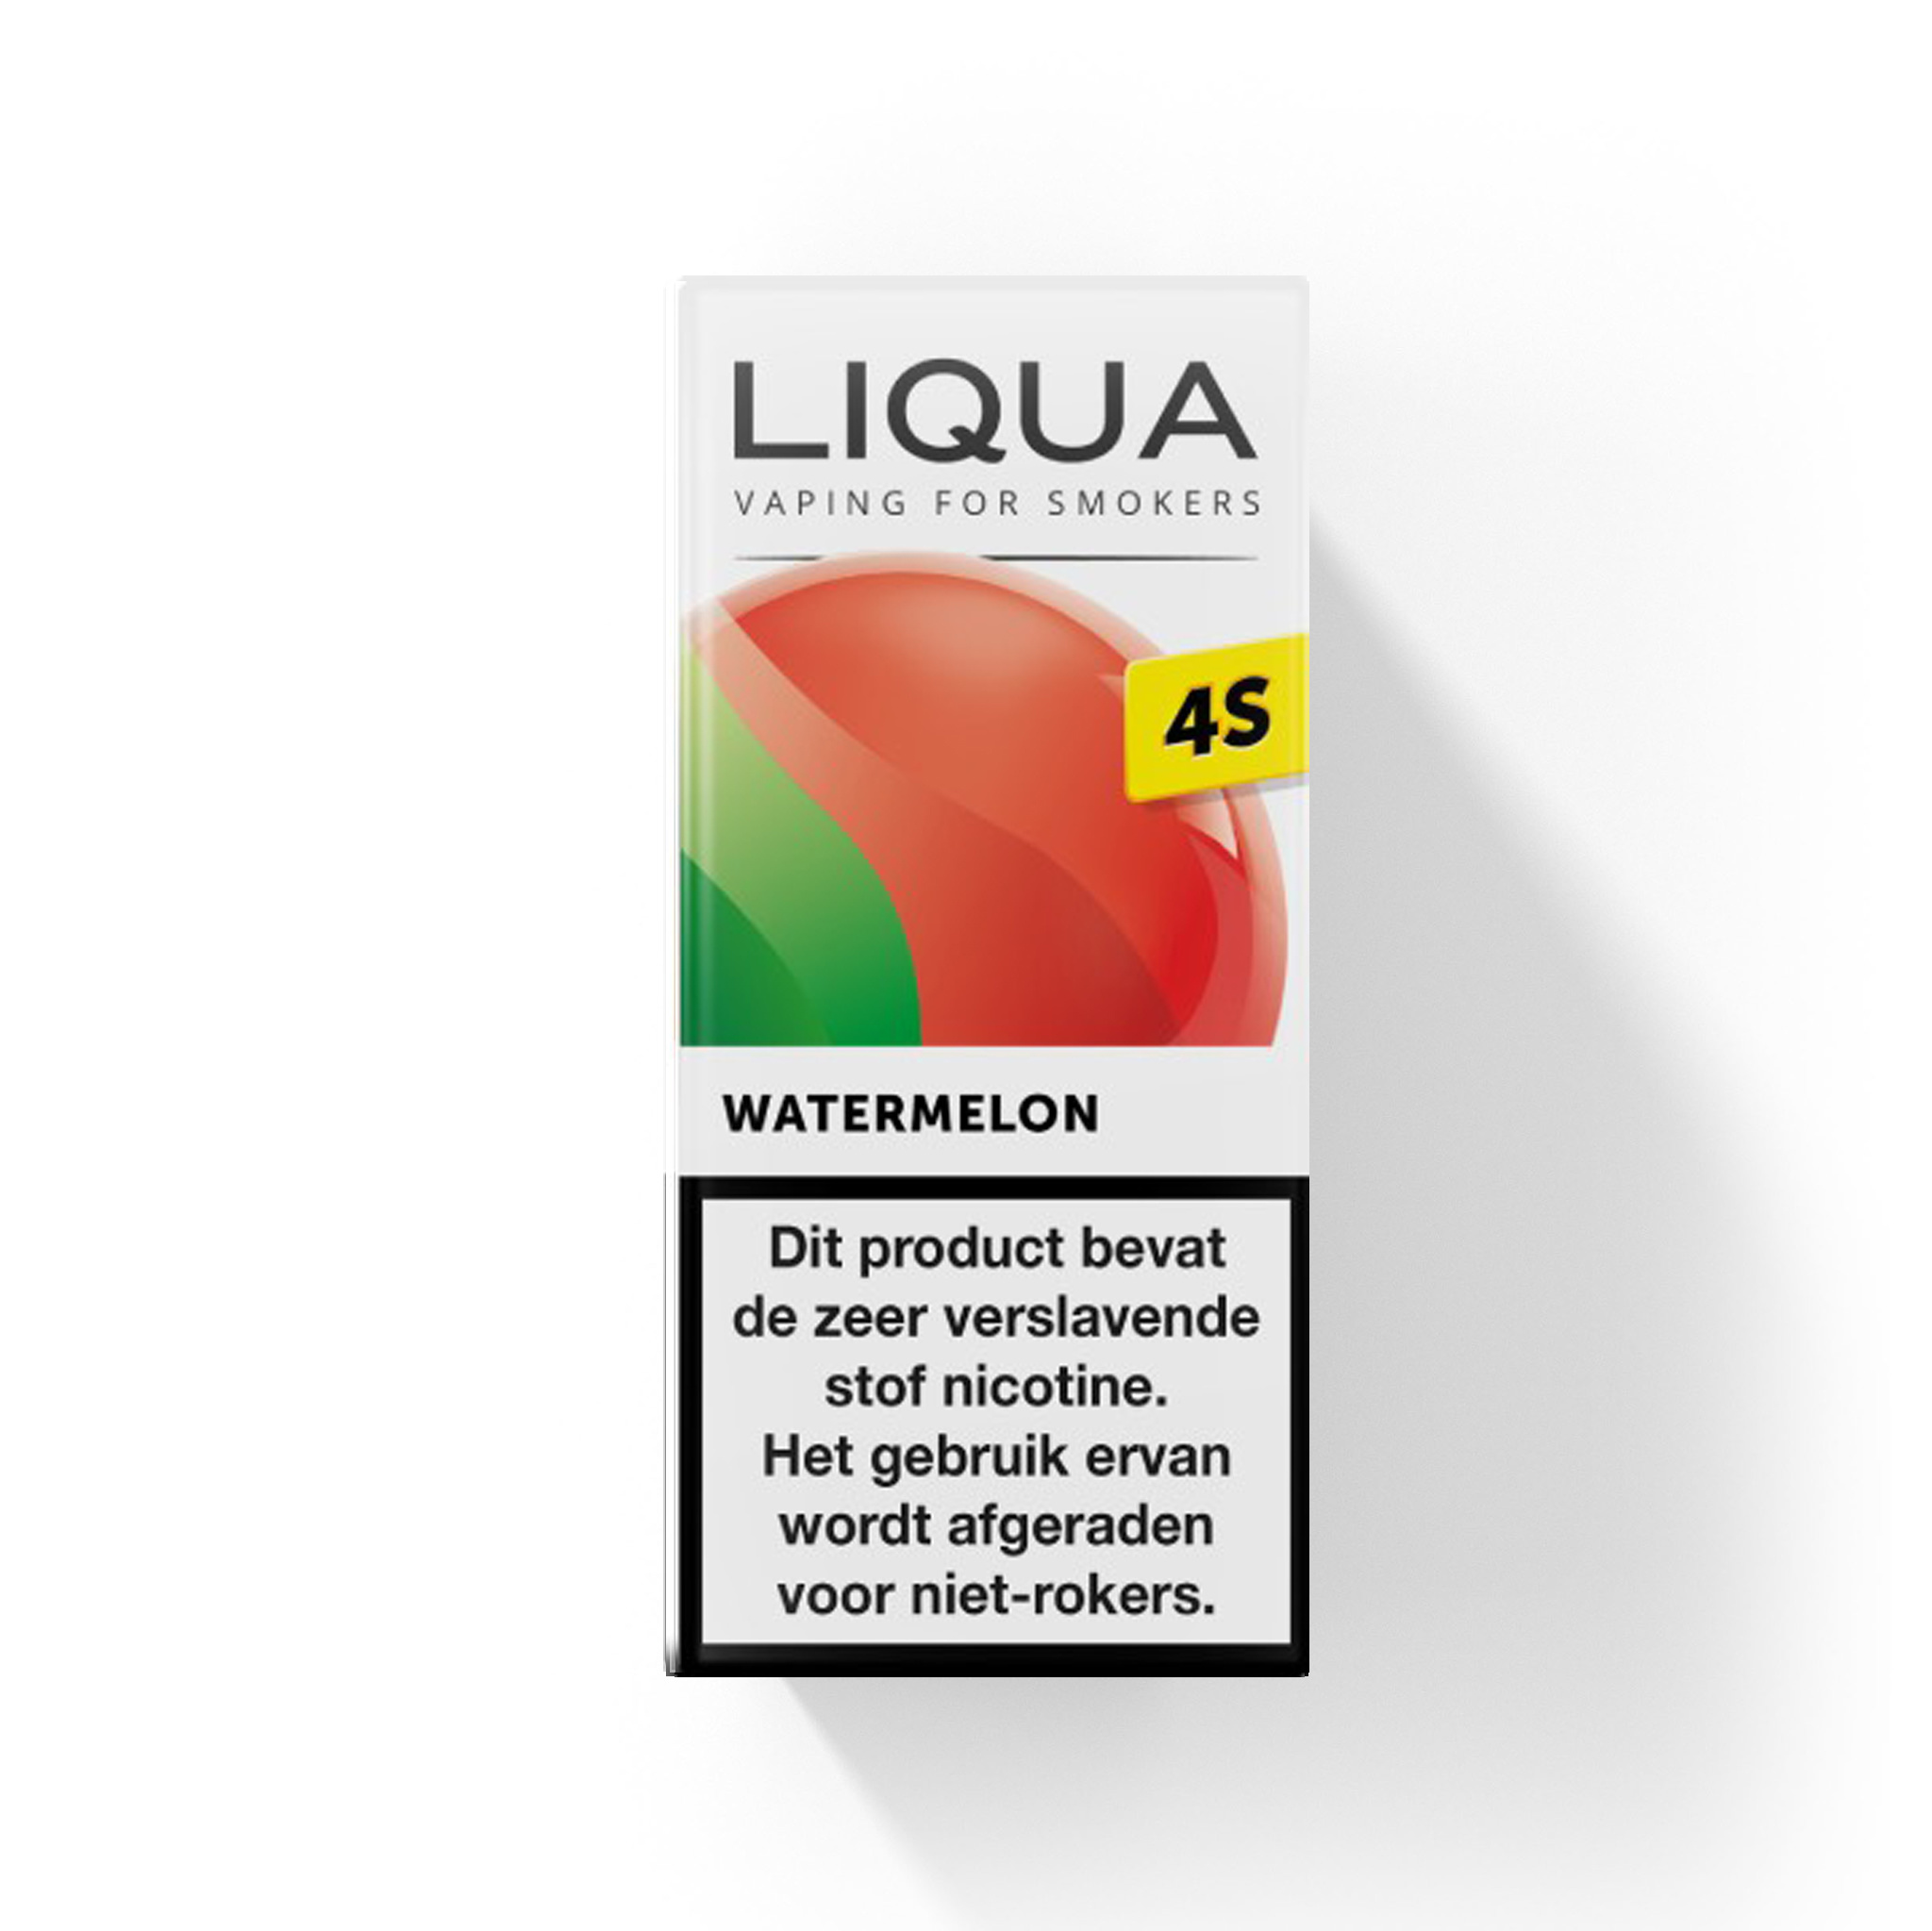 Liqua 4S - Watermelon